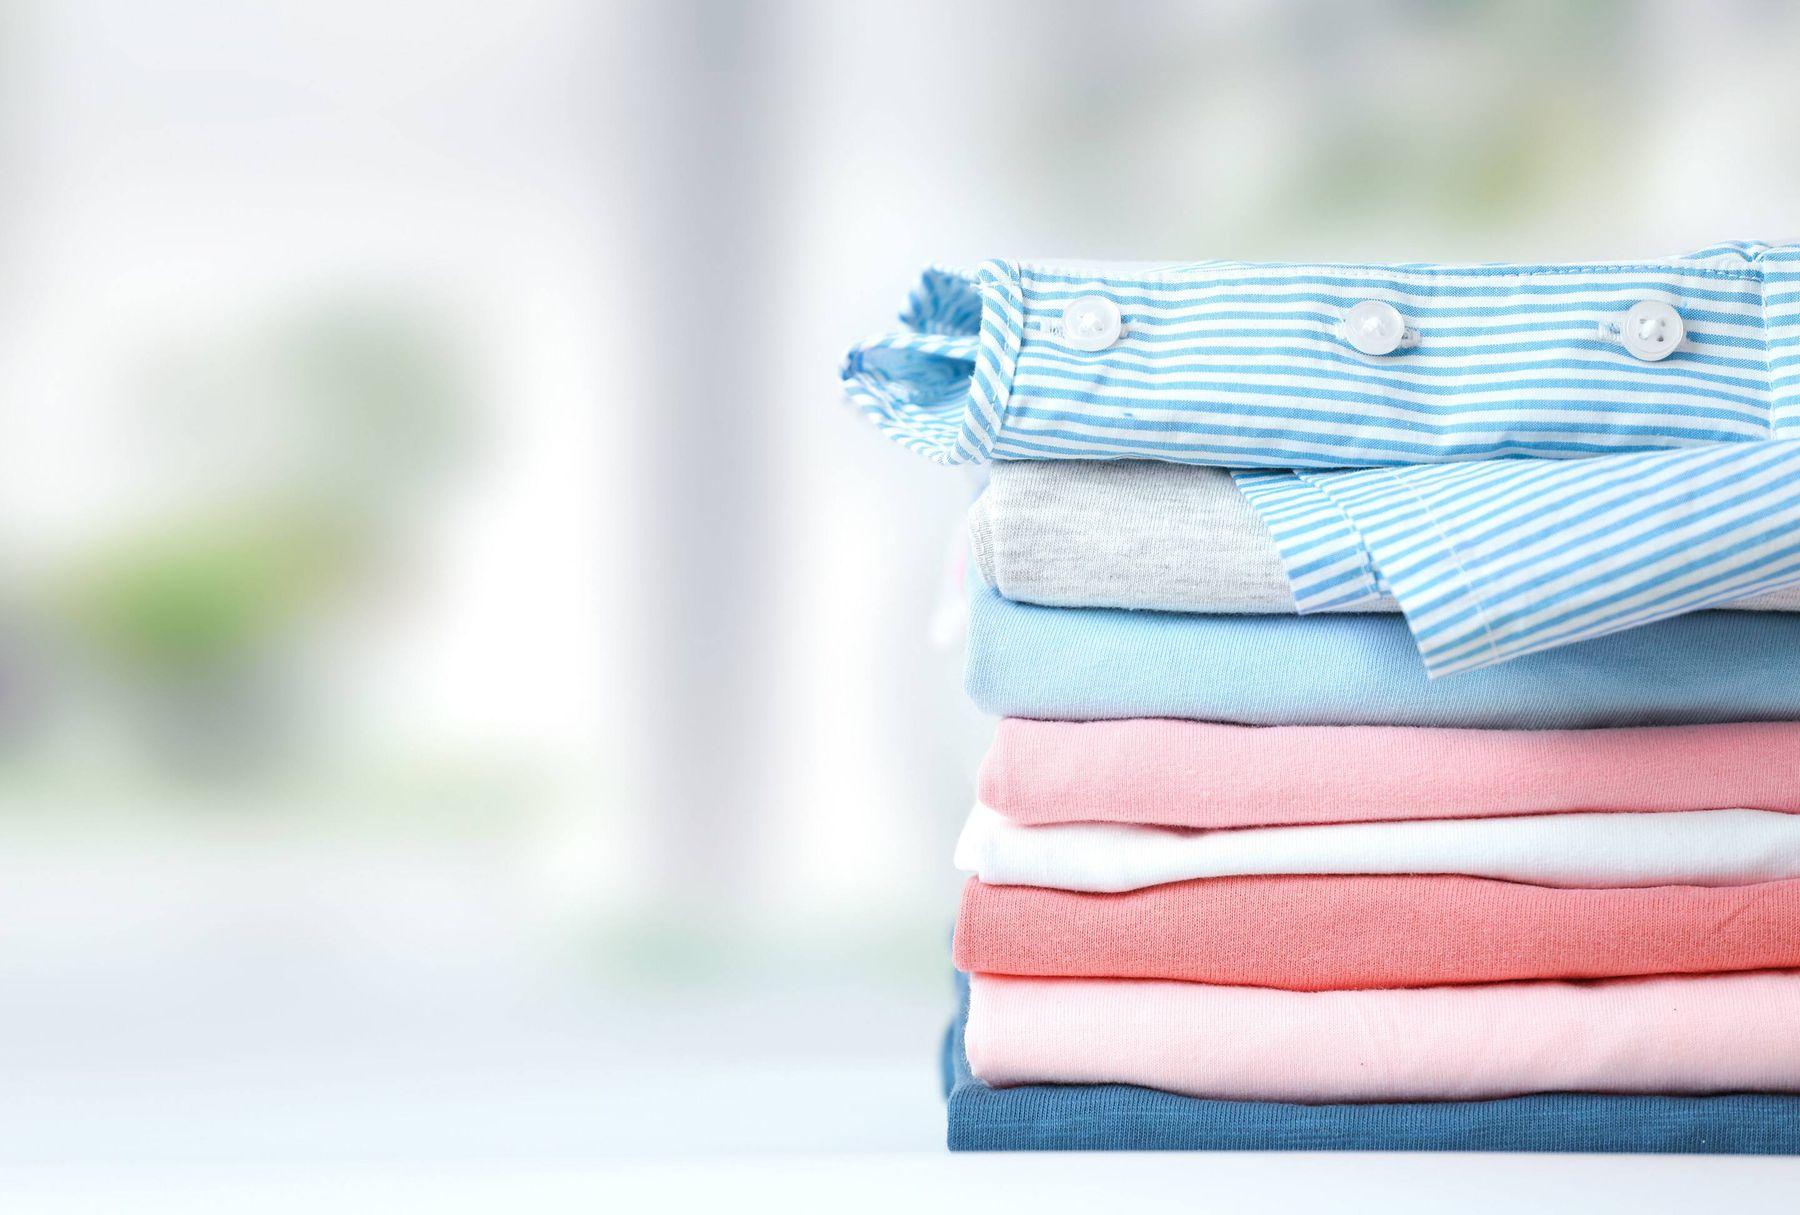 Çamaşır Yumuşatıcısı Nasıl Kullanılır?